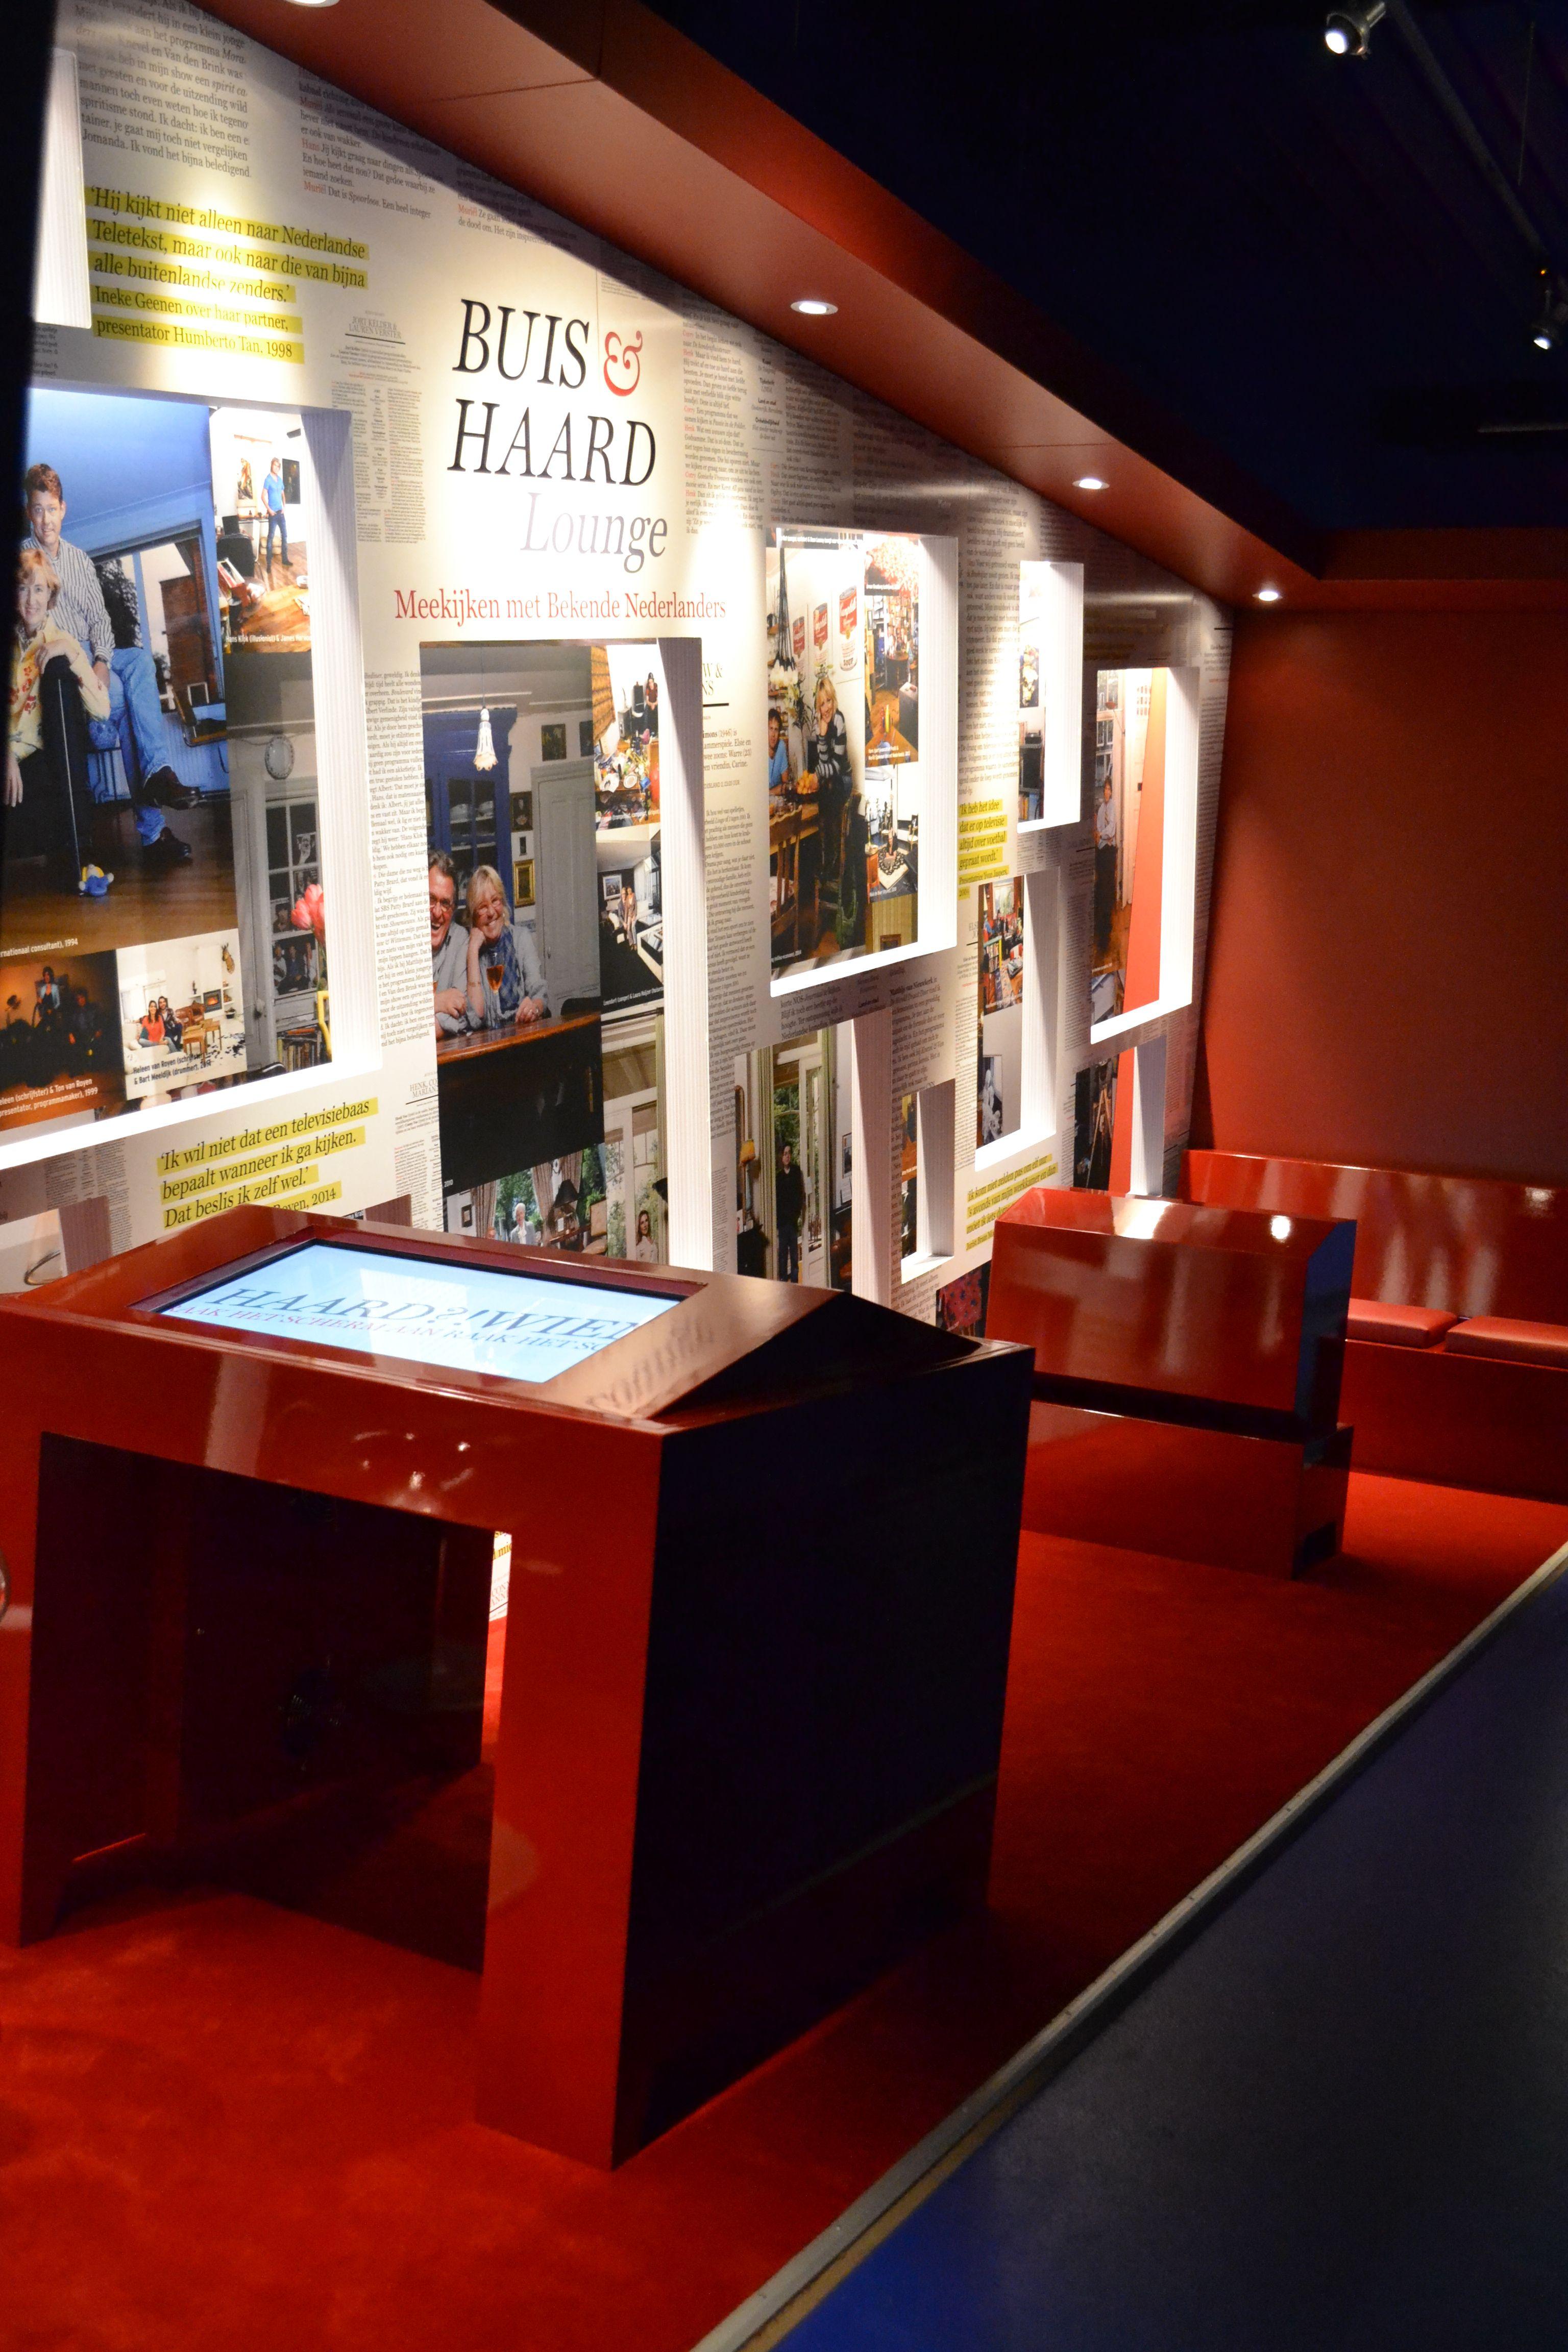 Buis & Haard Lounge // Beeld en Geluid experience